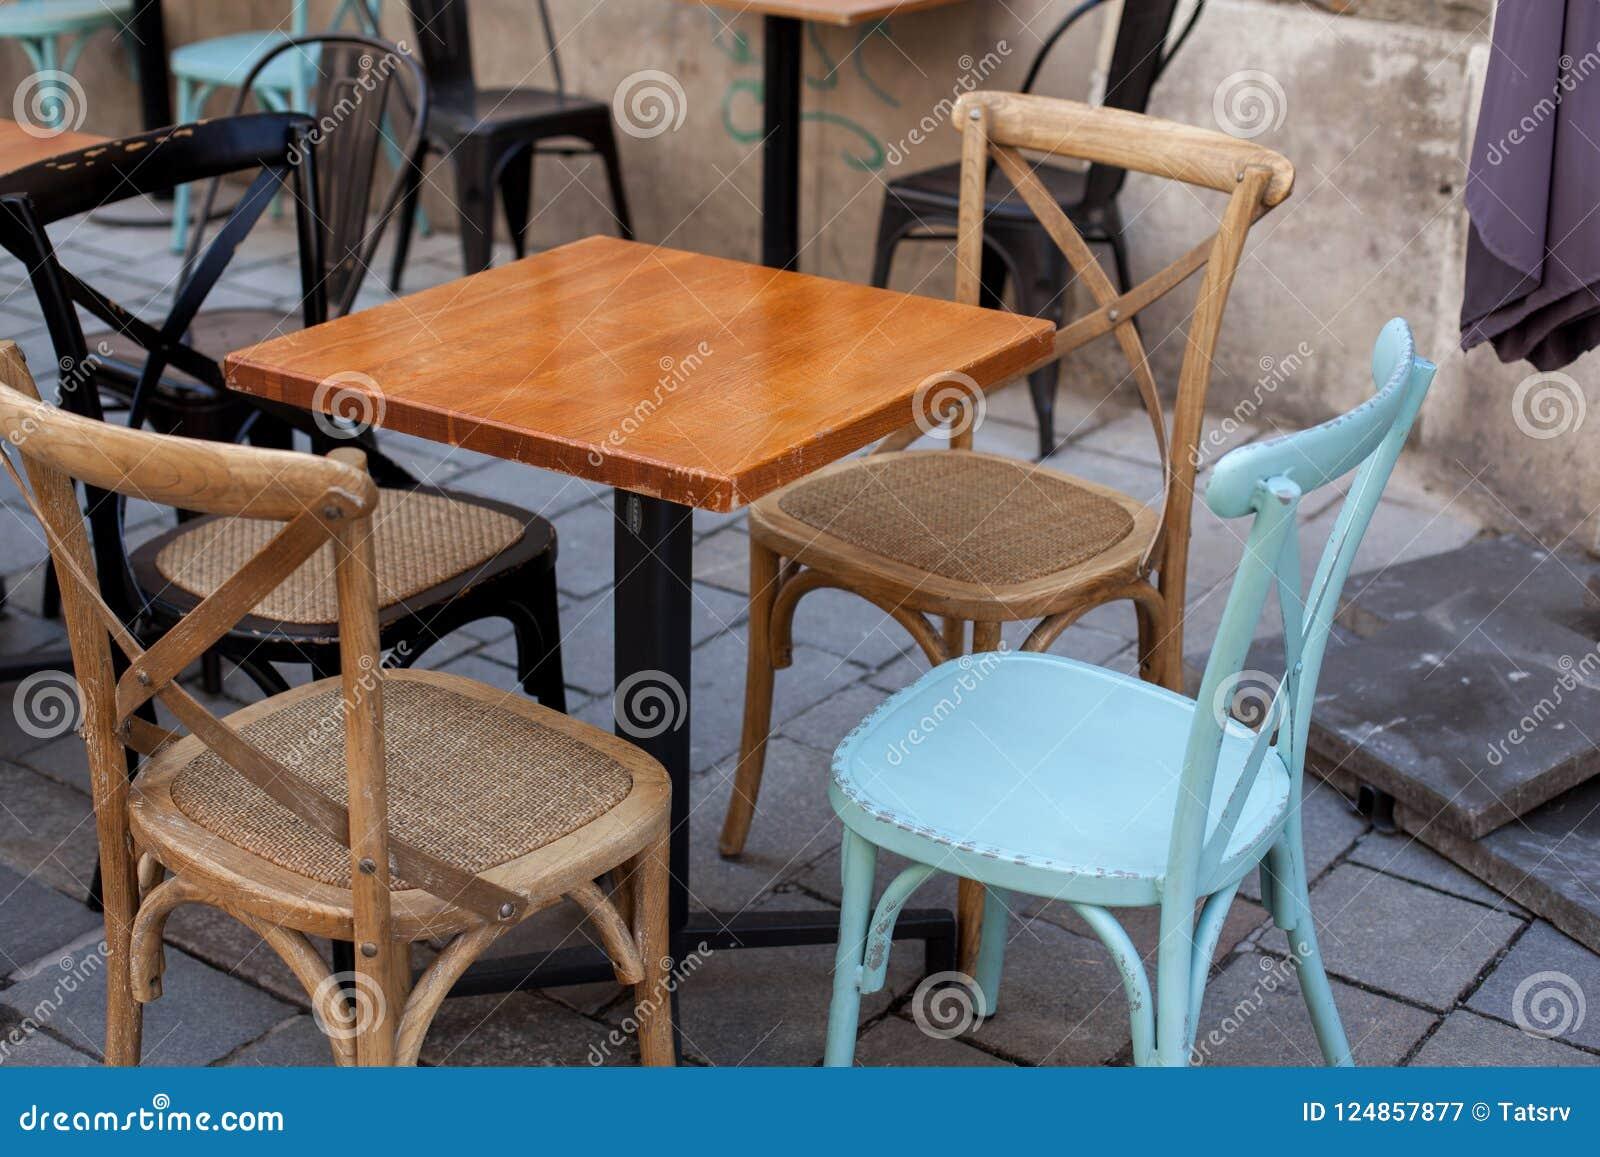 Table Bois Metal Exterieur vue du café extérieur vide de terrasse extérieur avec de